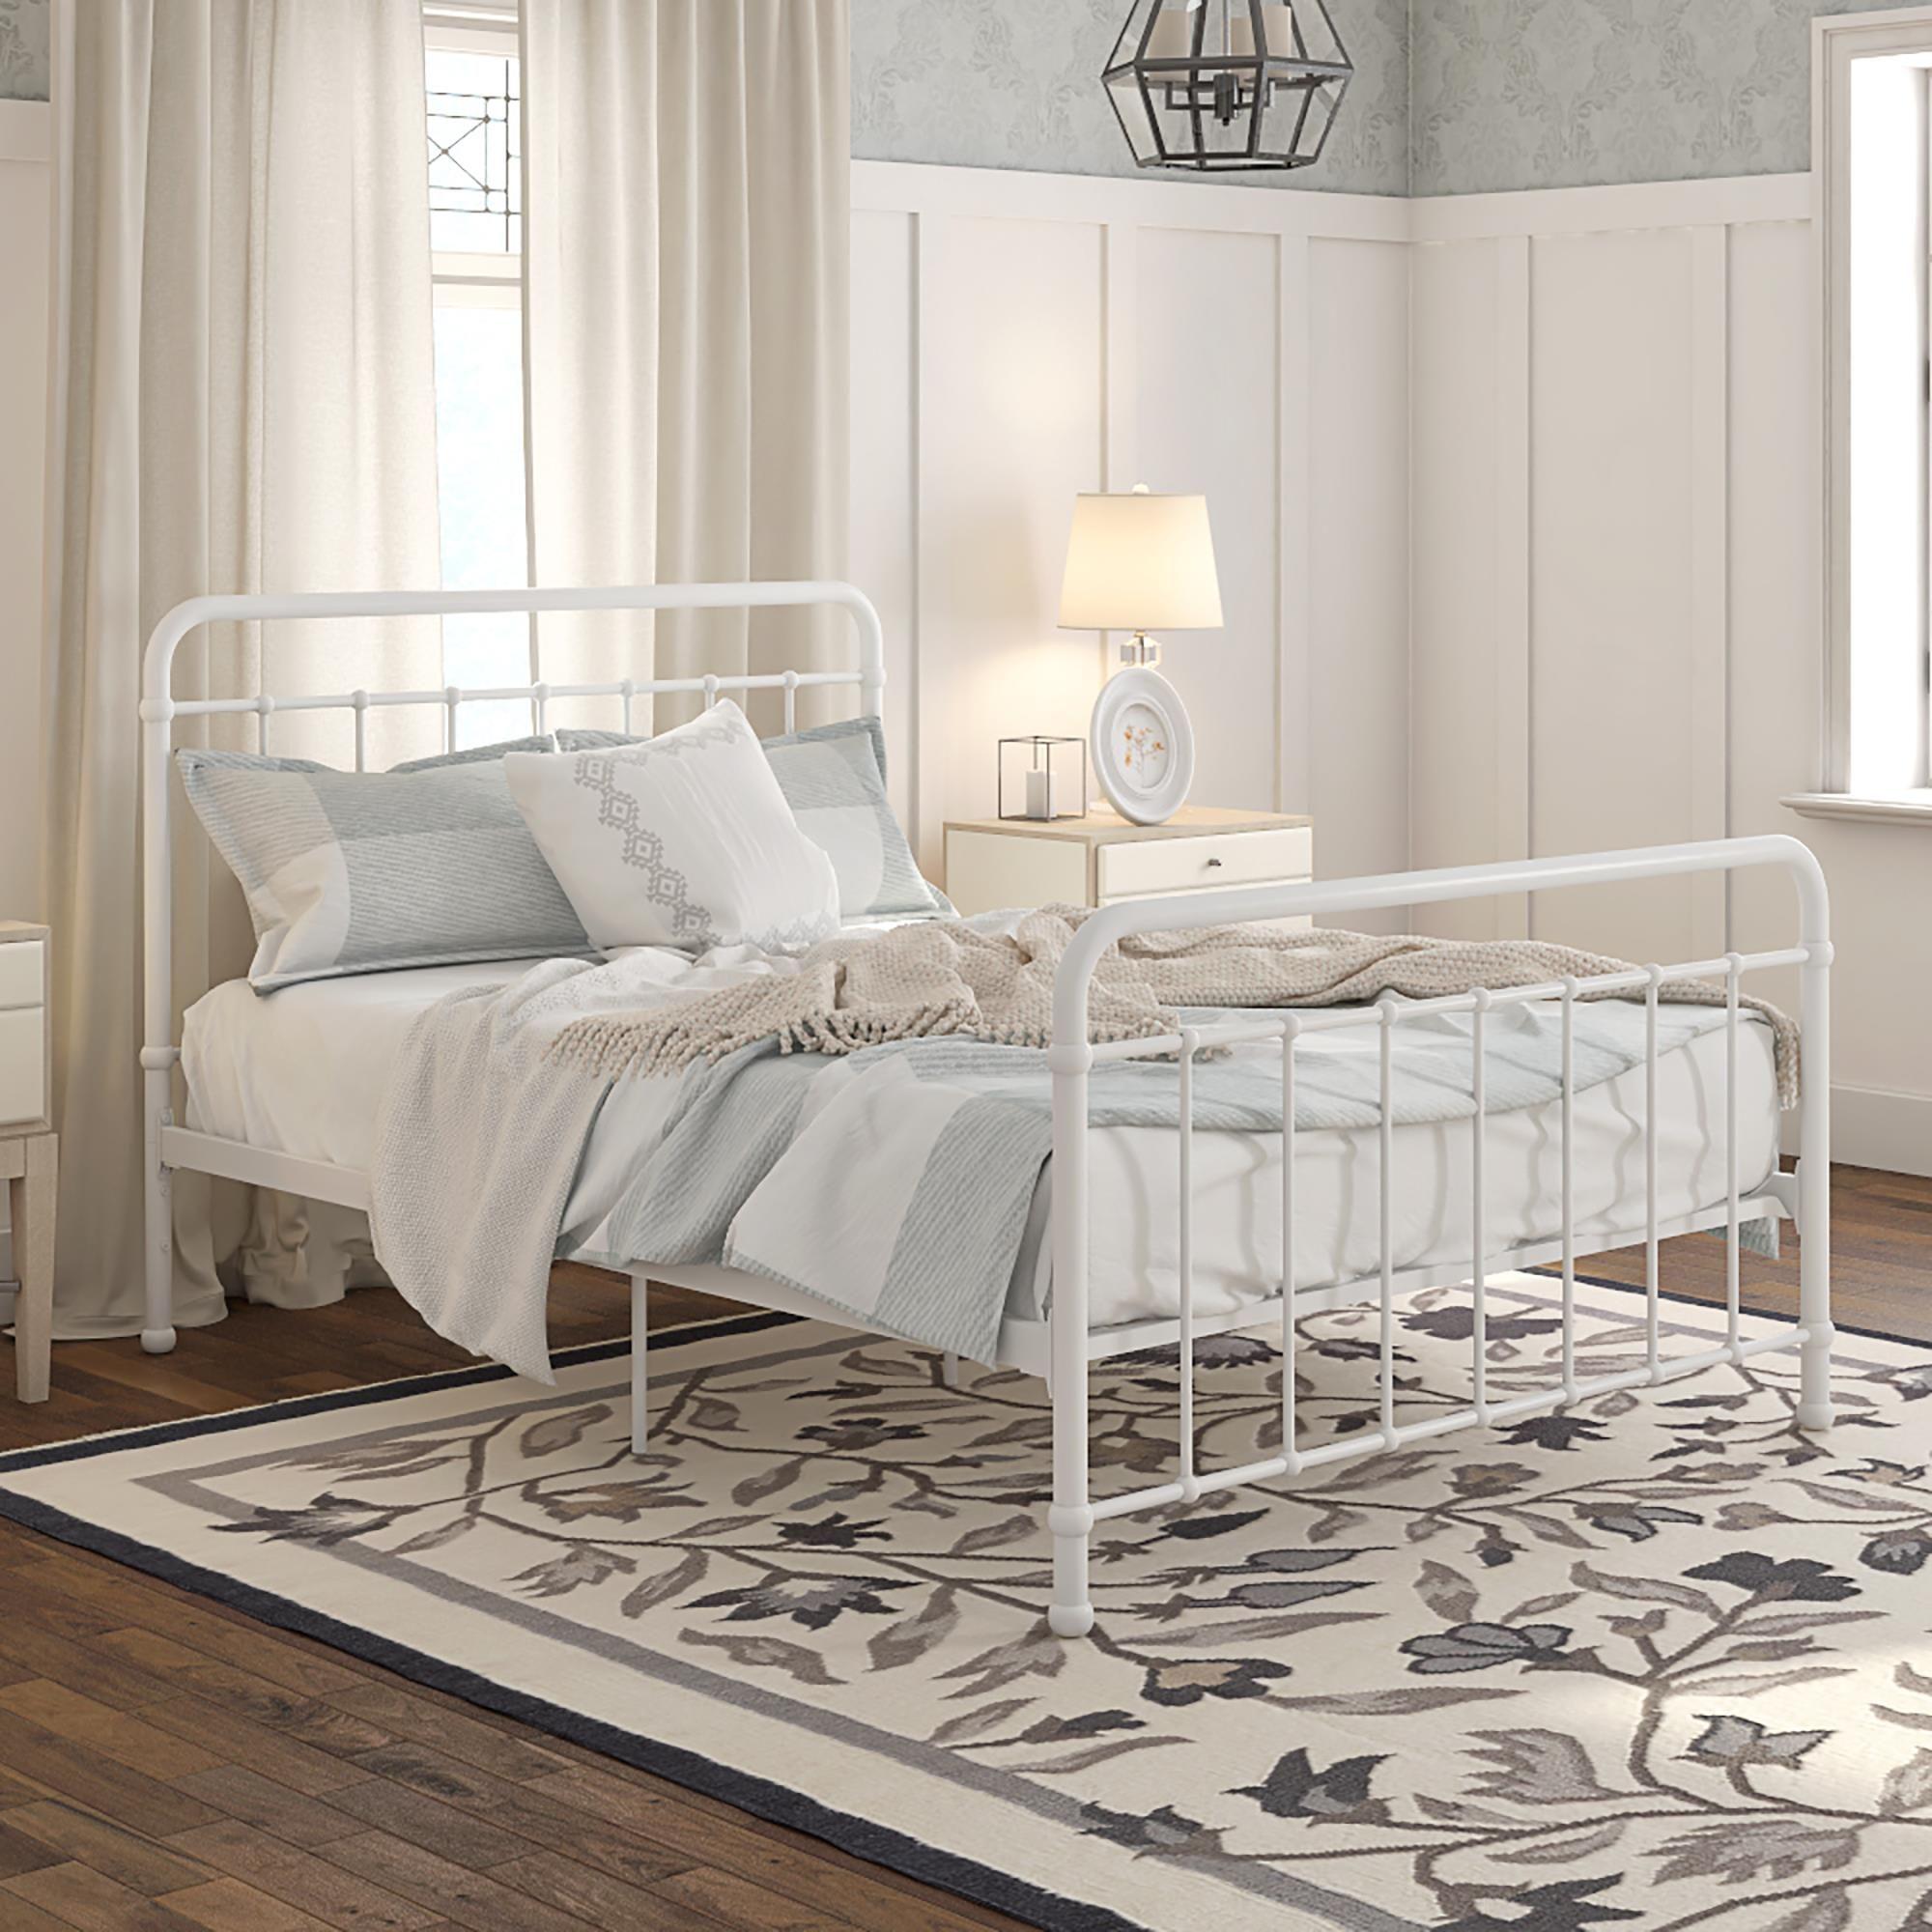 Home Metal platform bed, Bed frame, White metal bed